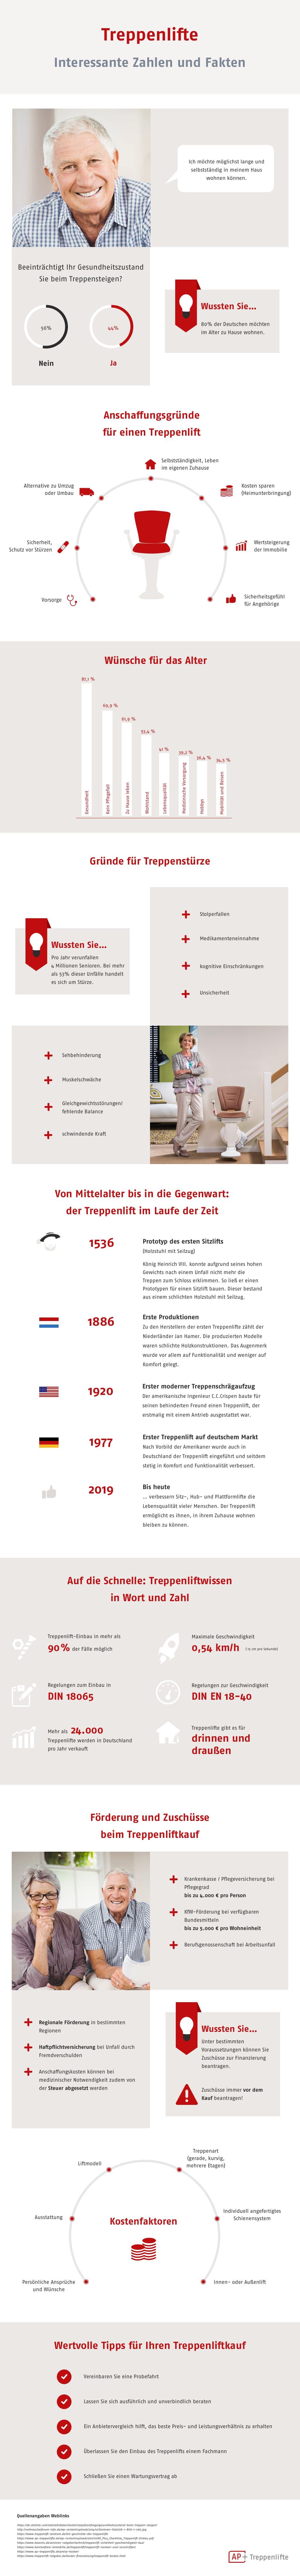 Treppenlift Infografik